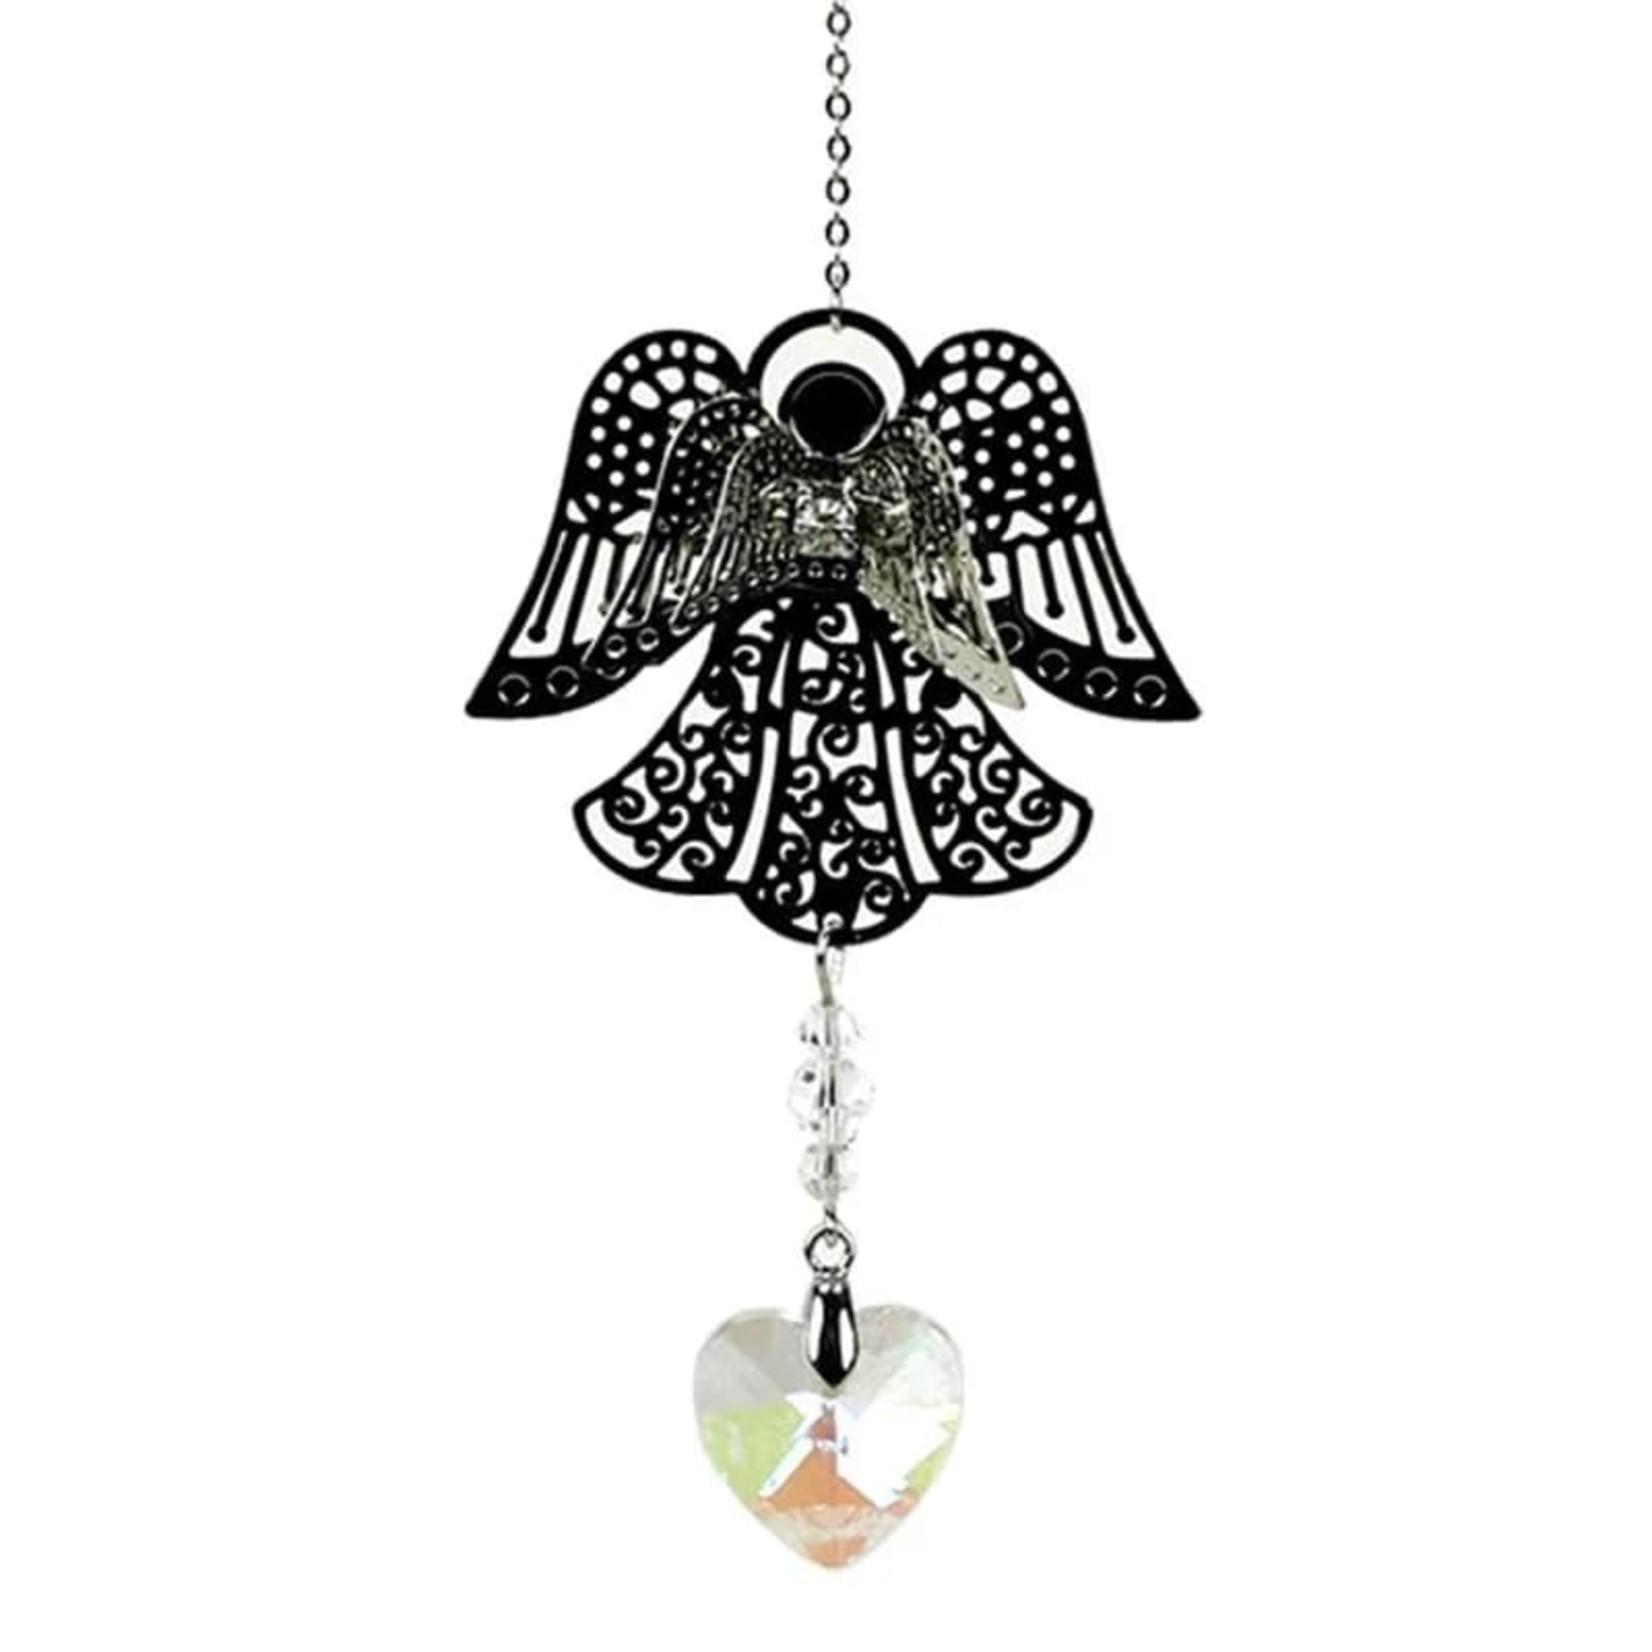 Lichtvanger engel in kadozakje - zorgt voor mooie energie in huis